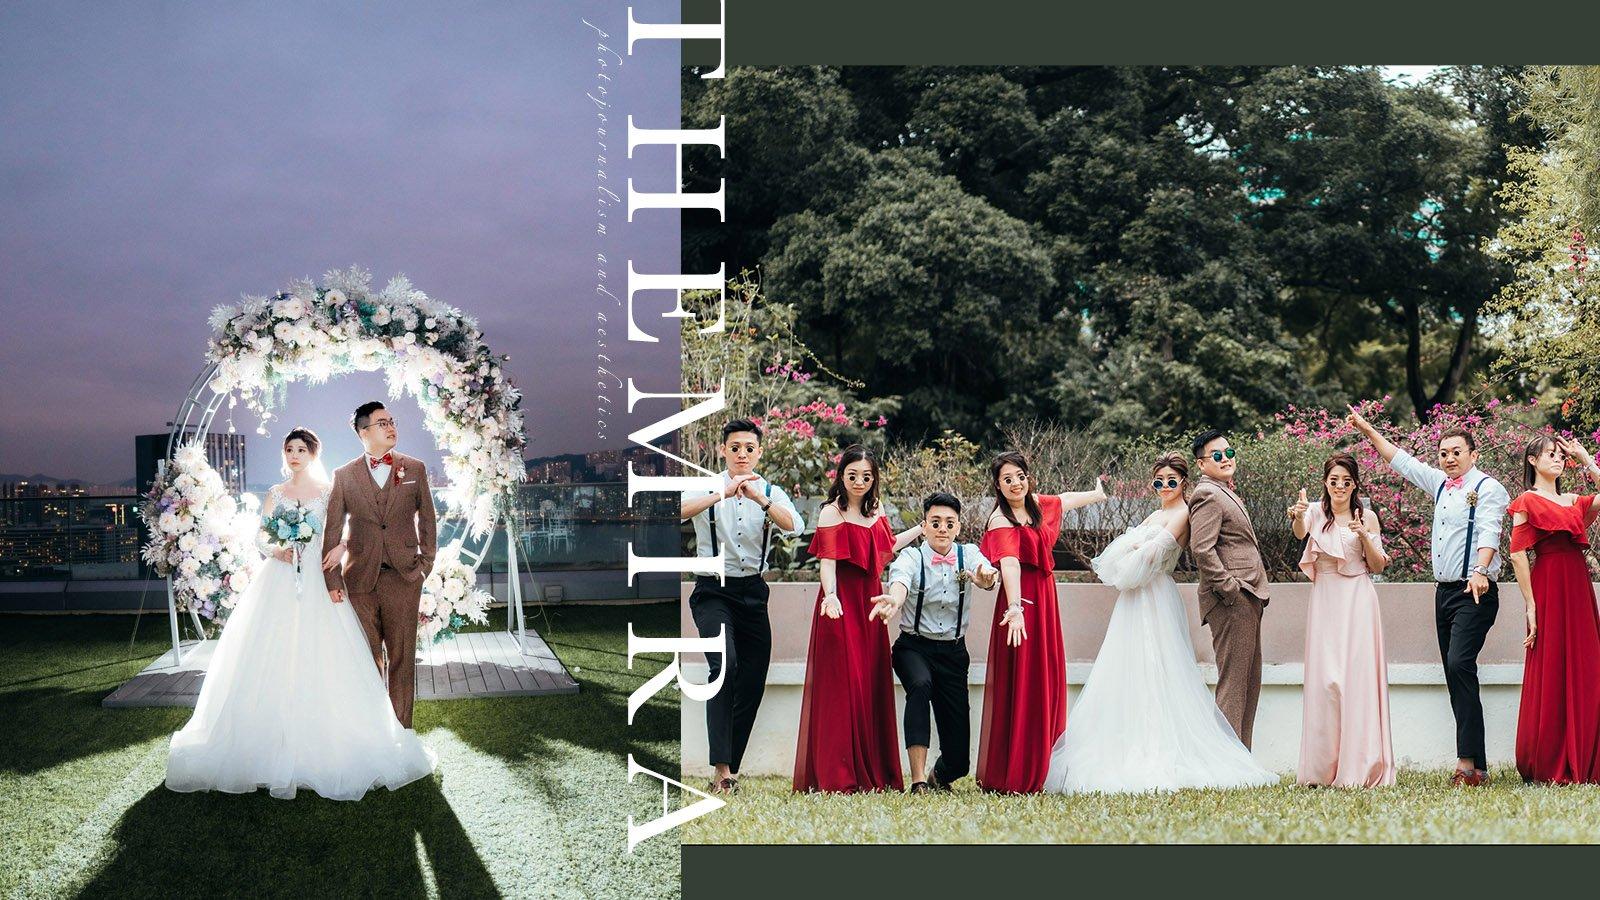 【欣囍若狂】|The Mira Hong Kong Wedding Photo|美麗華酒店婚禮攝影